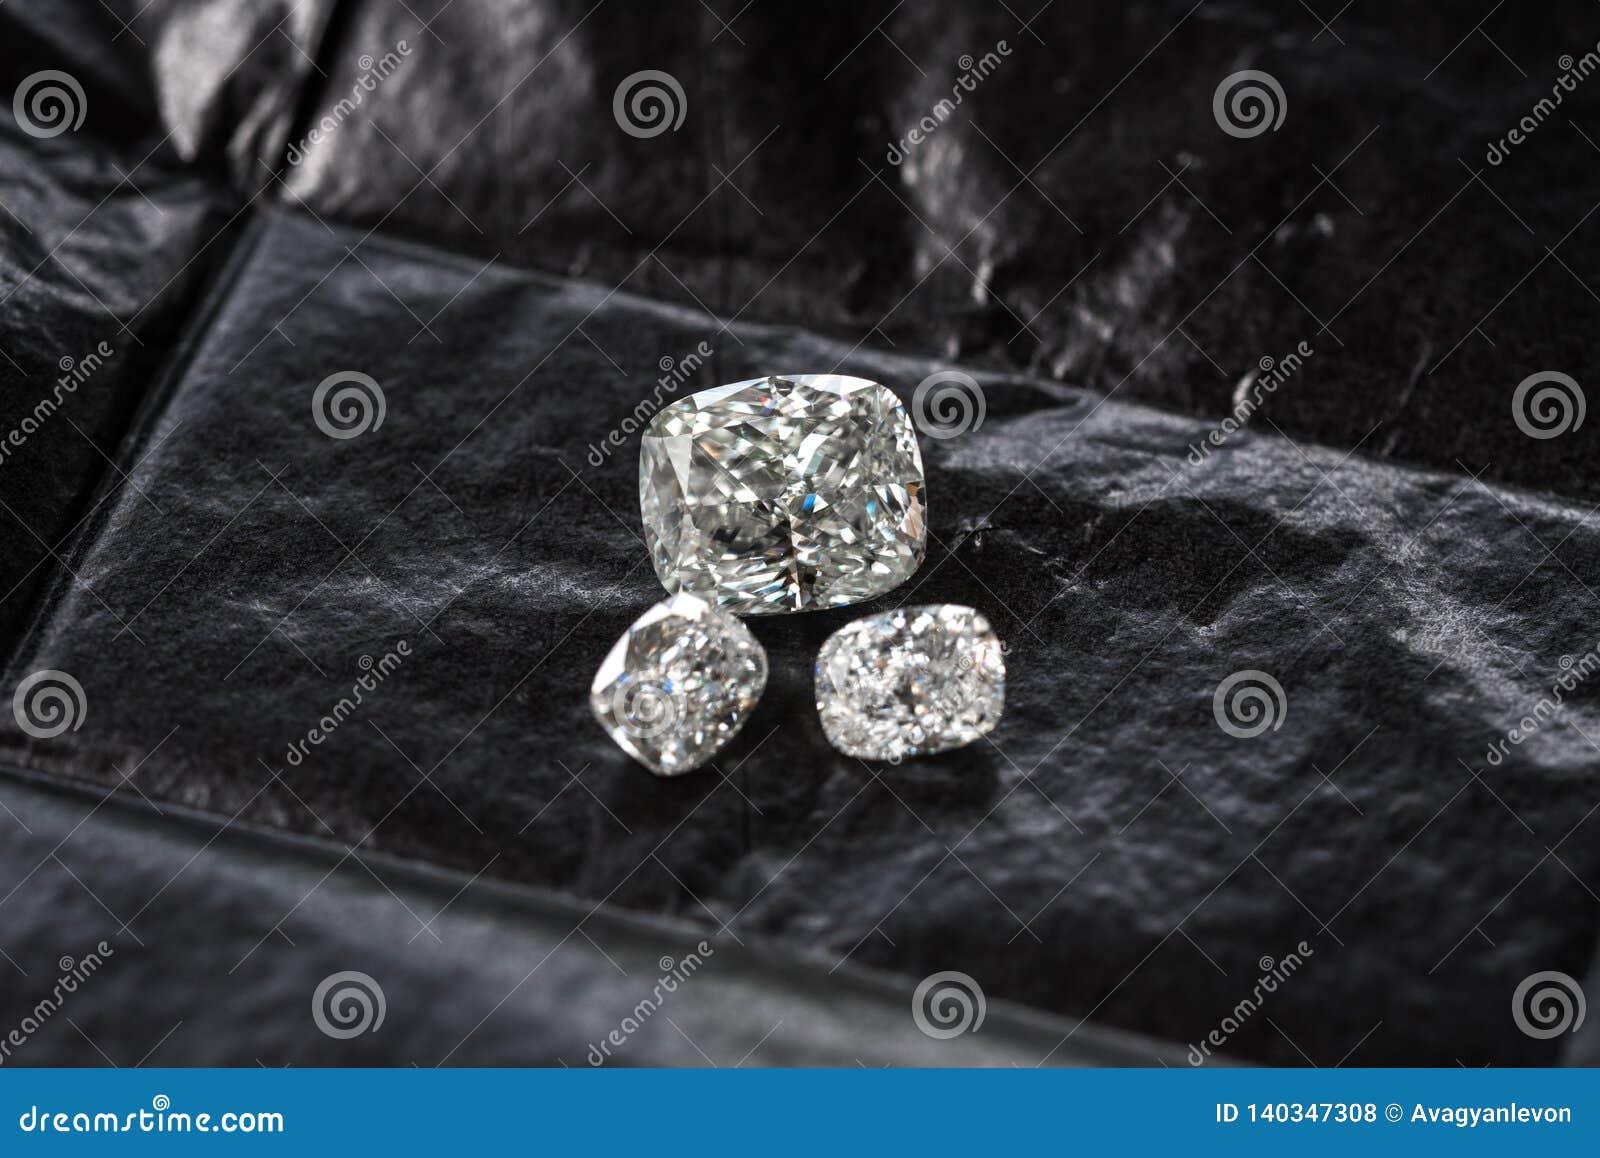 Diamond Cushion Cut